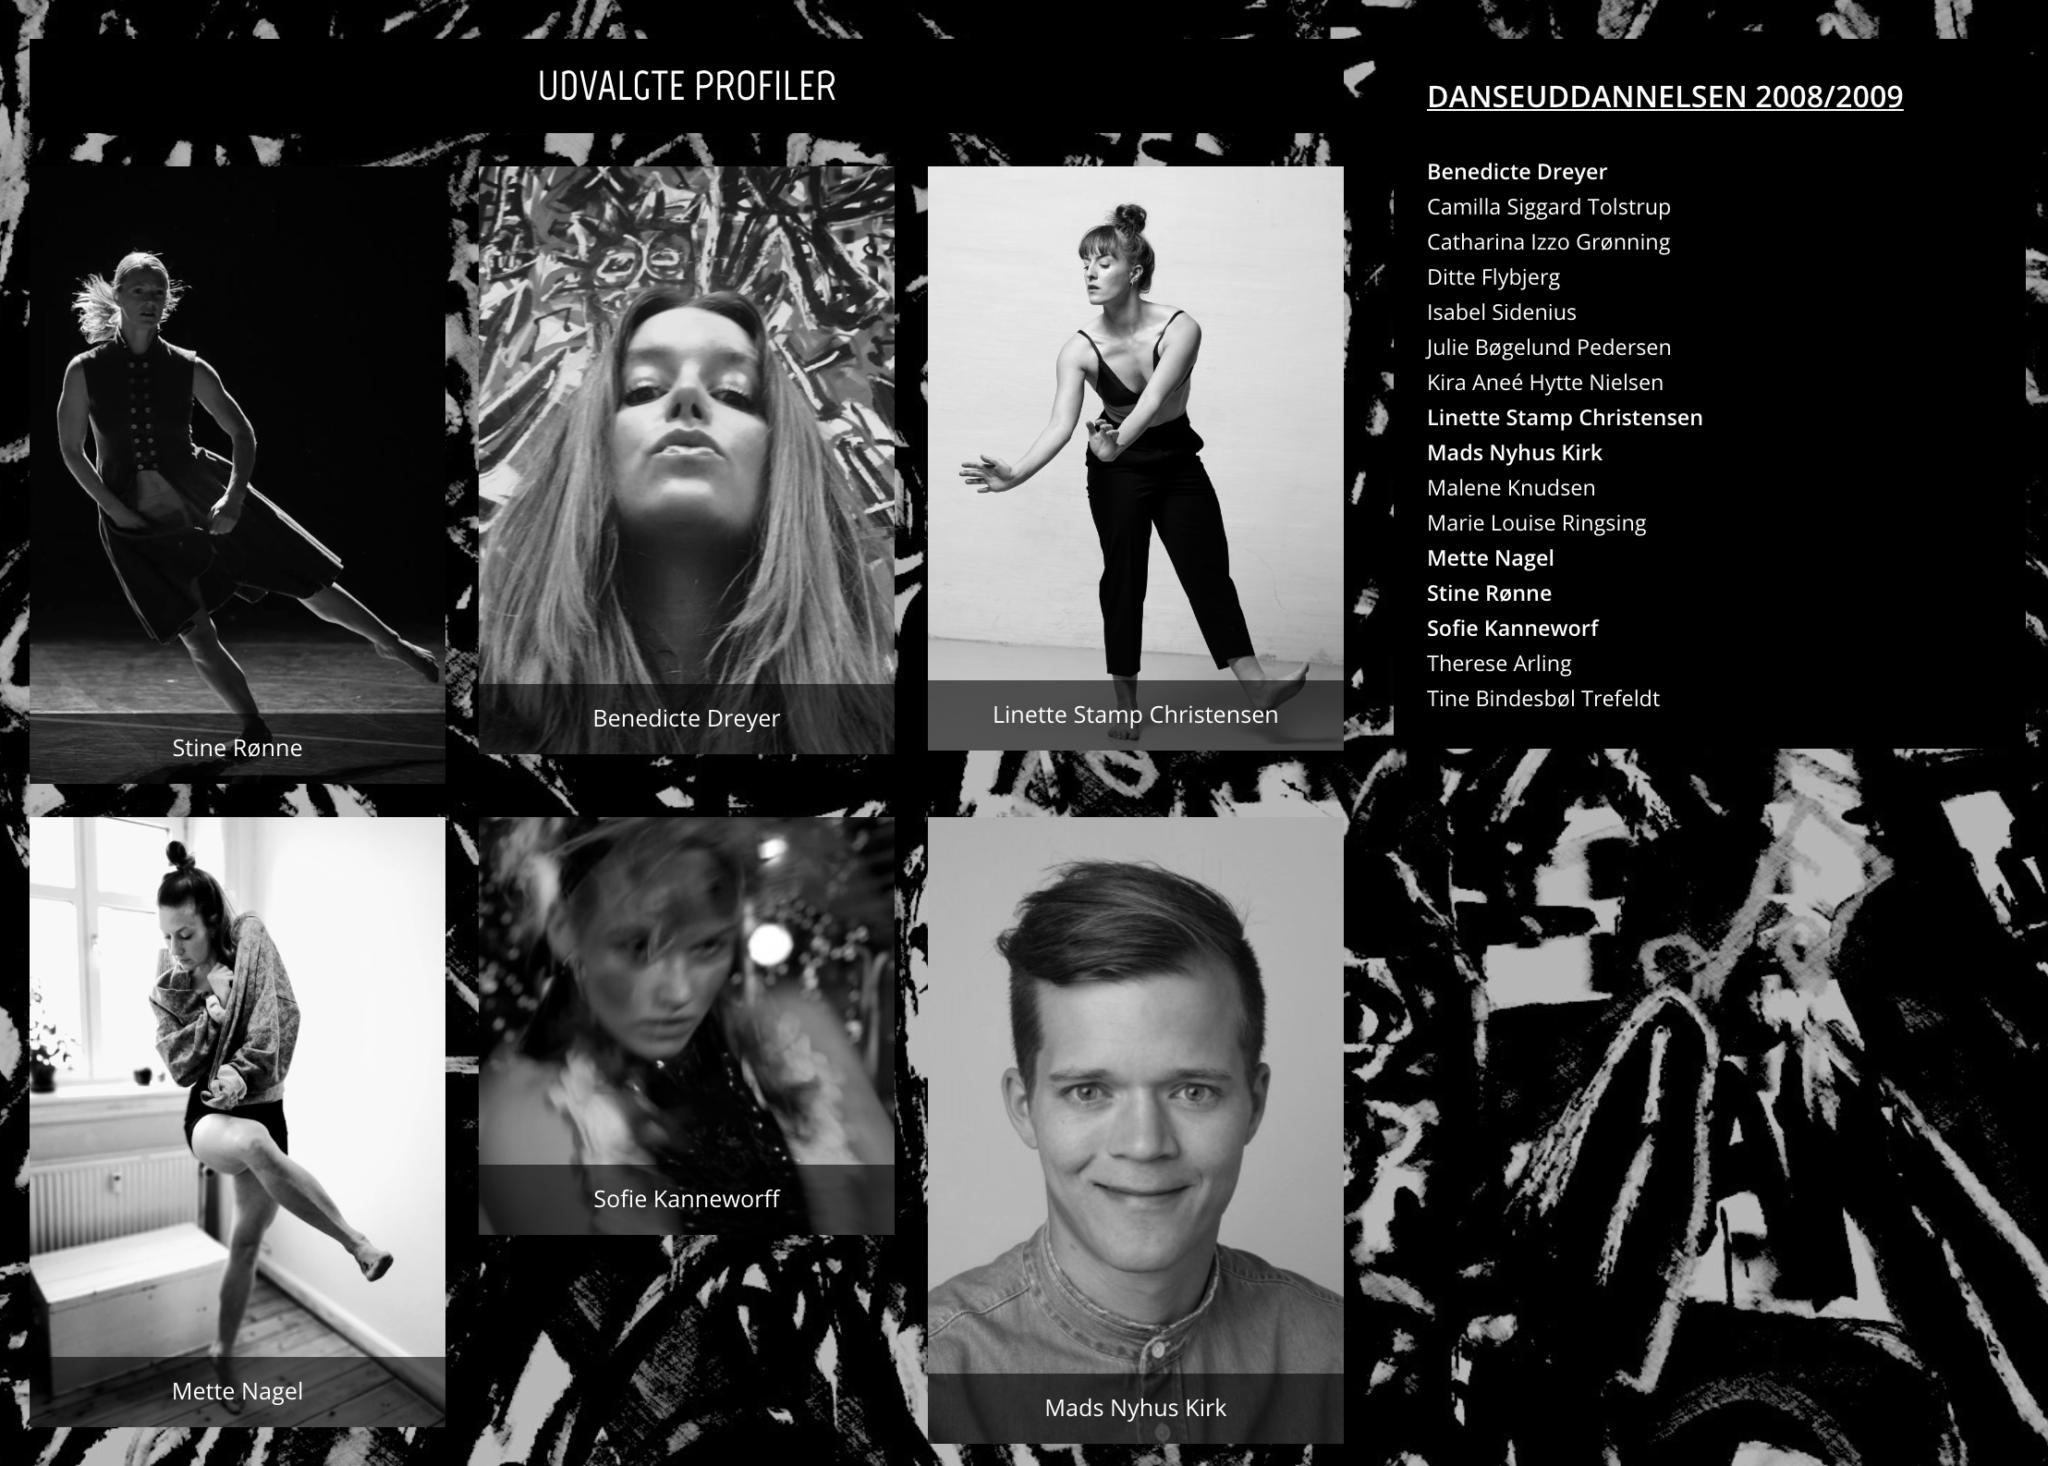 Danseuddannelsen 2008/2009